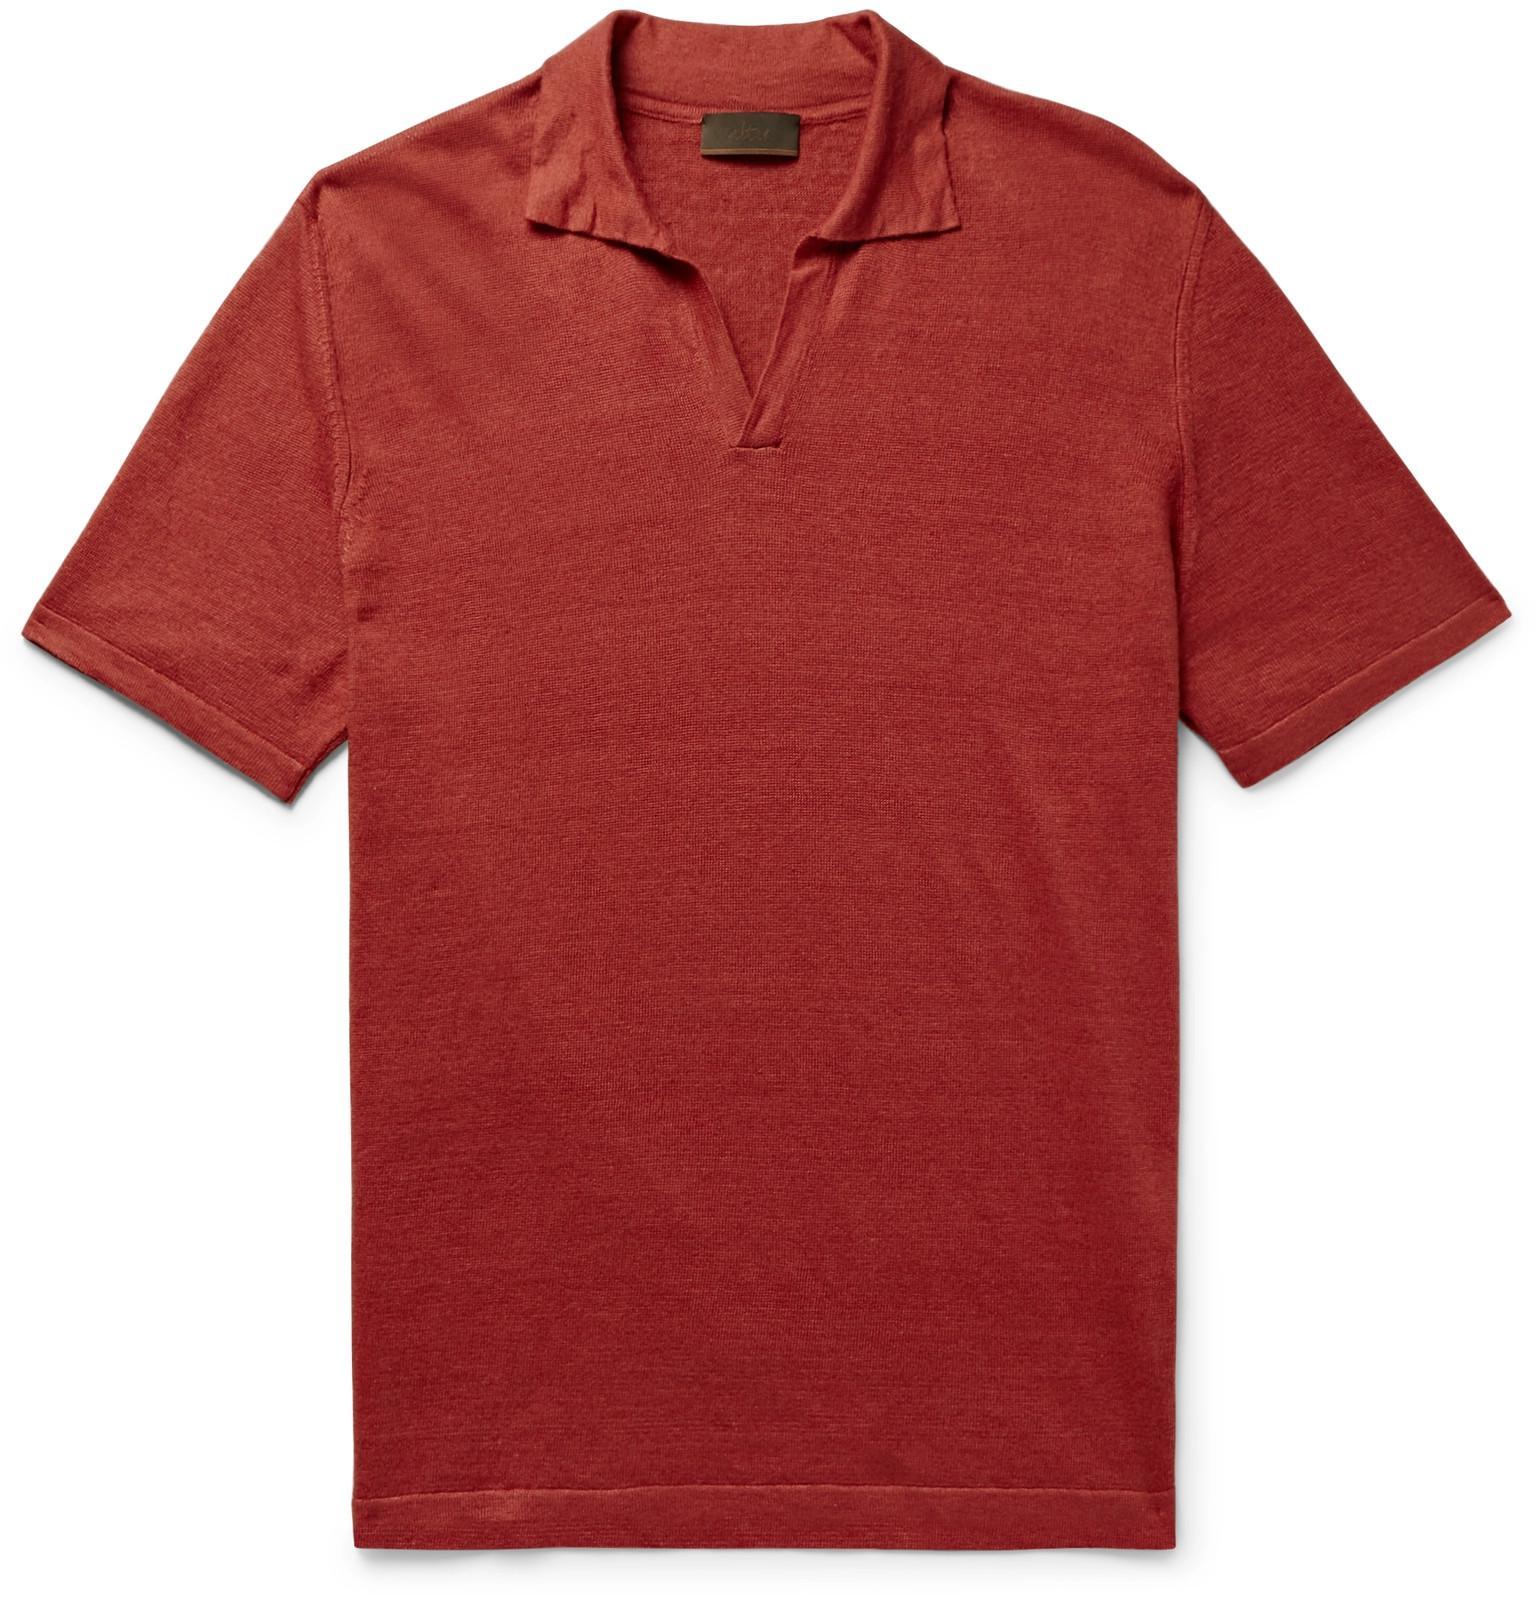 ca8732cdc192d Altea - Red Linen Polo Shirt for Men - Lyst. View fullscreen